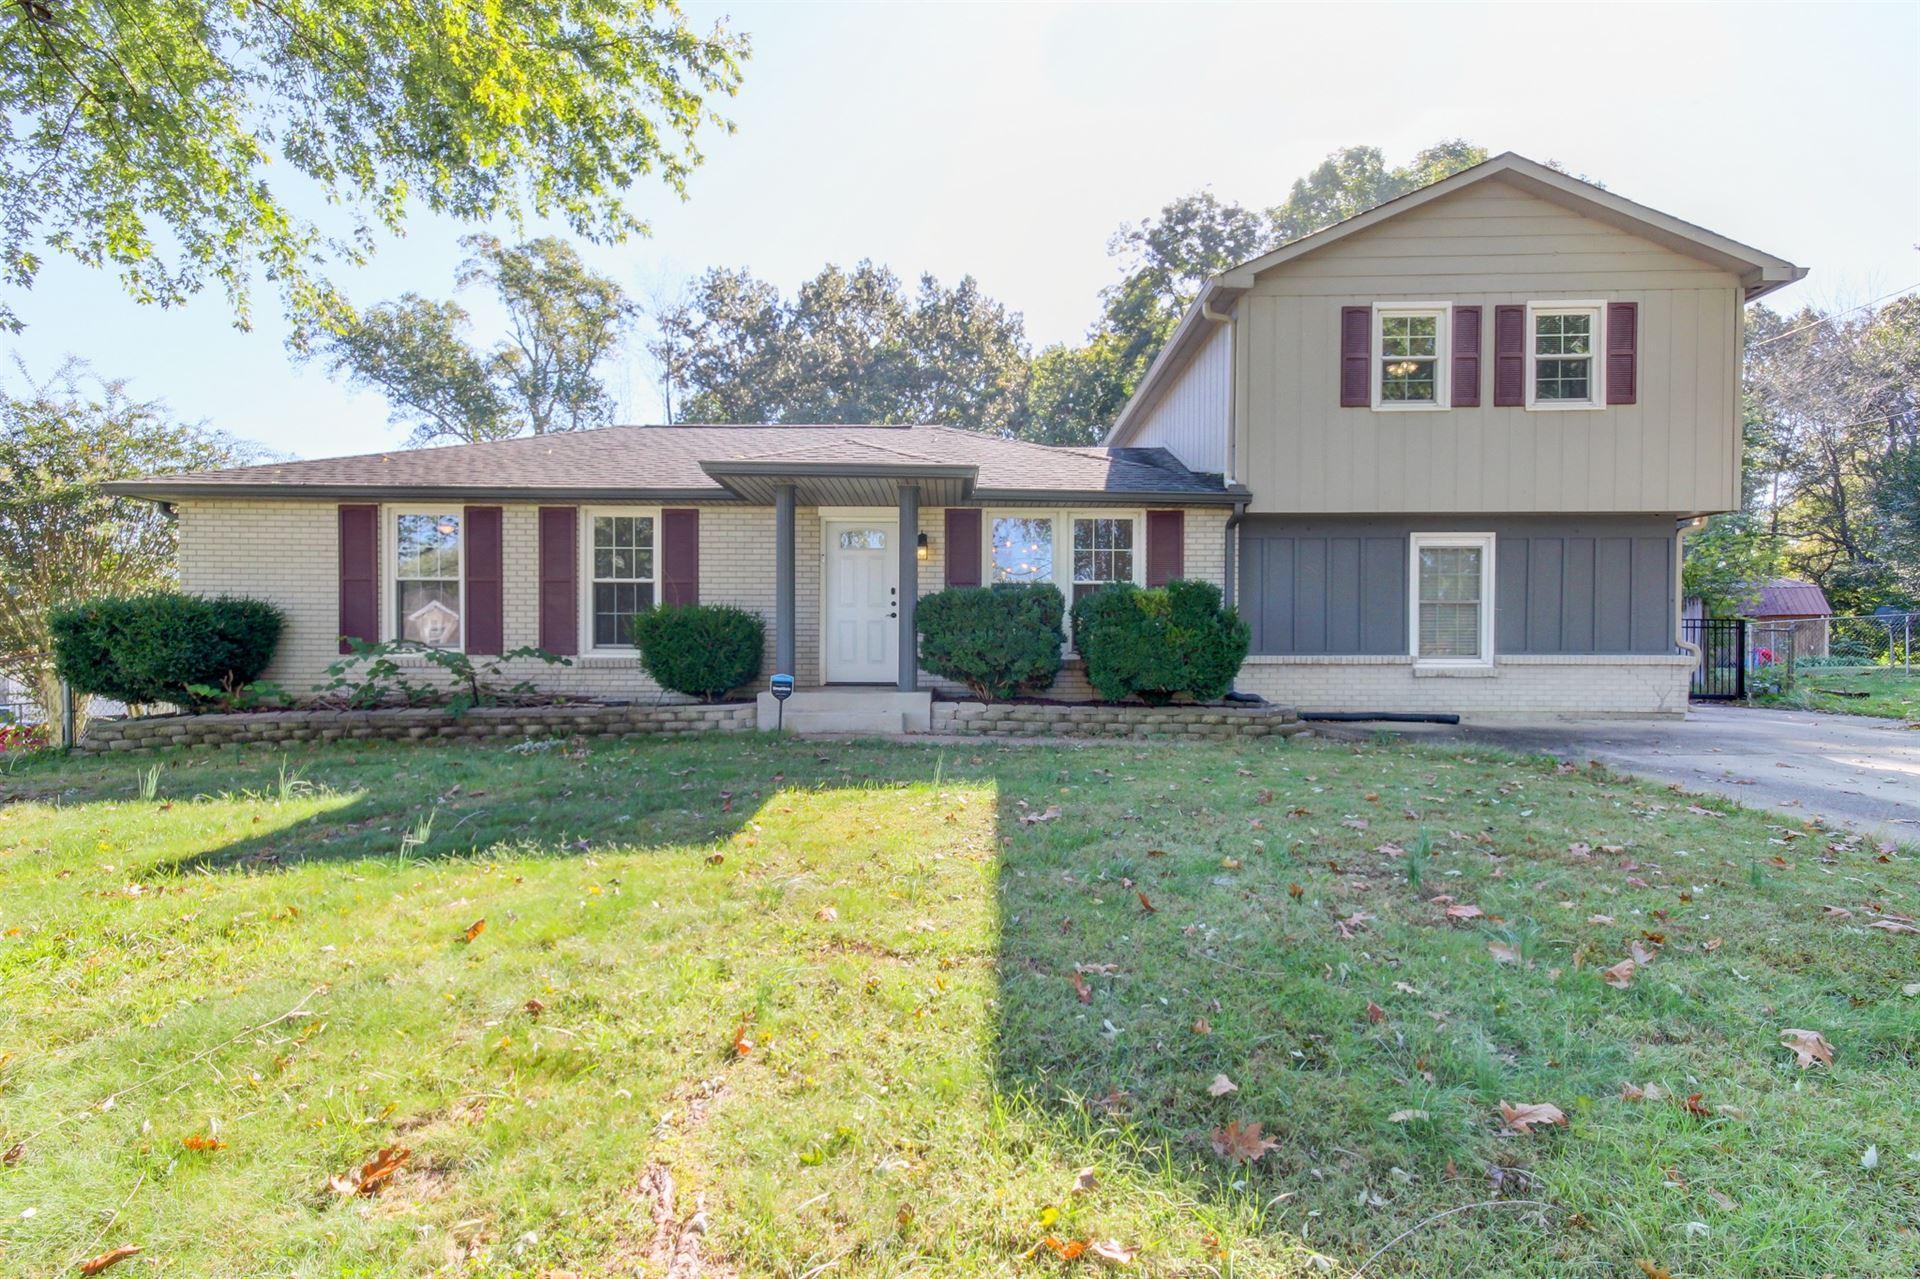 1930 Old Russellville Pike, Clarksville, TN 37043 - MLS#: 2301744